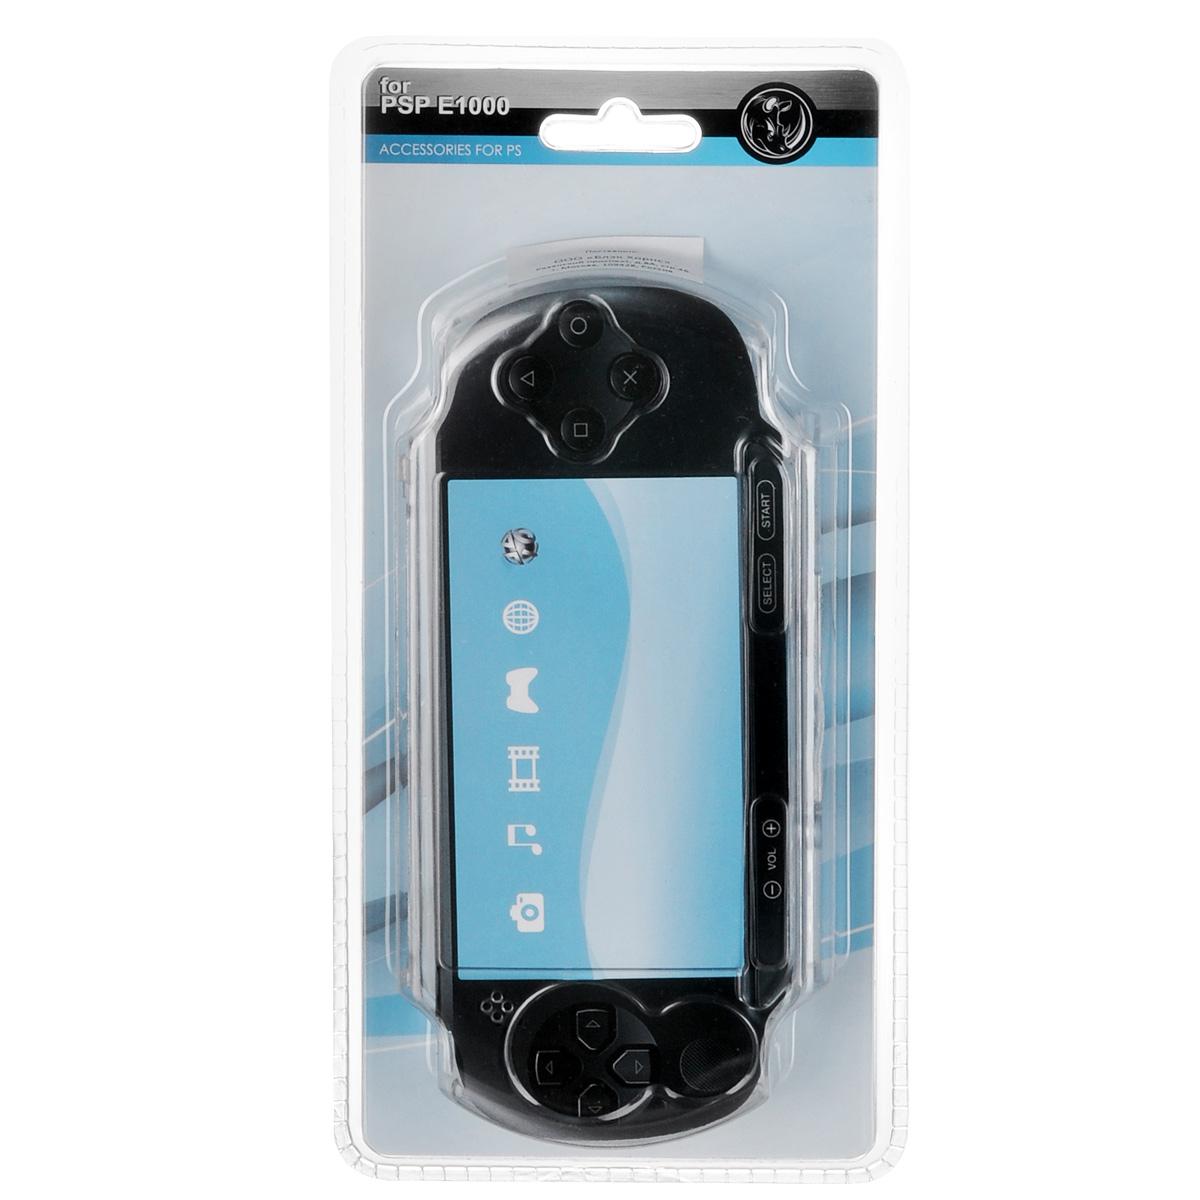 Защитный чехол Black Horns для Sony PSP E1000 (прозрачный)BH-PSE0203(R)Защитный чехол Black Horns для Sony PSP E1000 - стильная и надежная защита из высококачественного материала. Чехол надежно защитит вашу приставку от внешних воздействий, грязи, царапин и потертостей. Чехол легко надевается и снимается, совместим со всеми версиями консоли Sony PSP E1000. Легкий доступ ко всем портам и кнопкам позволяет использовать консоль не снимая чехол.